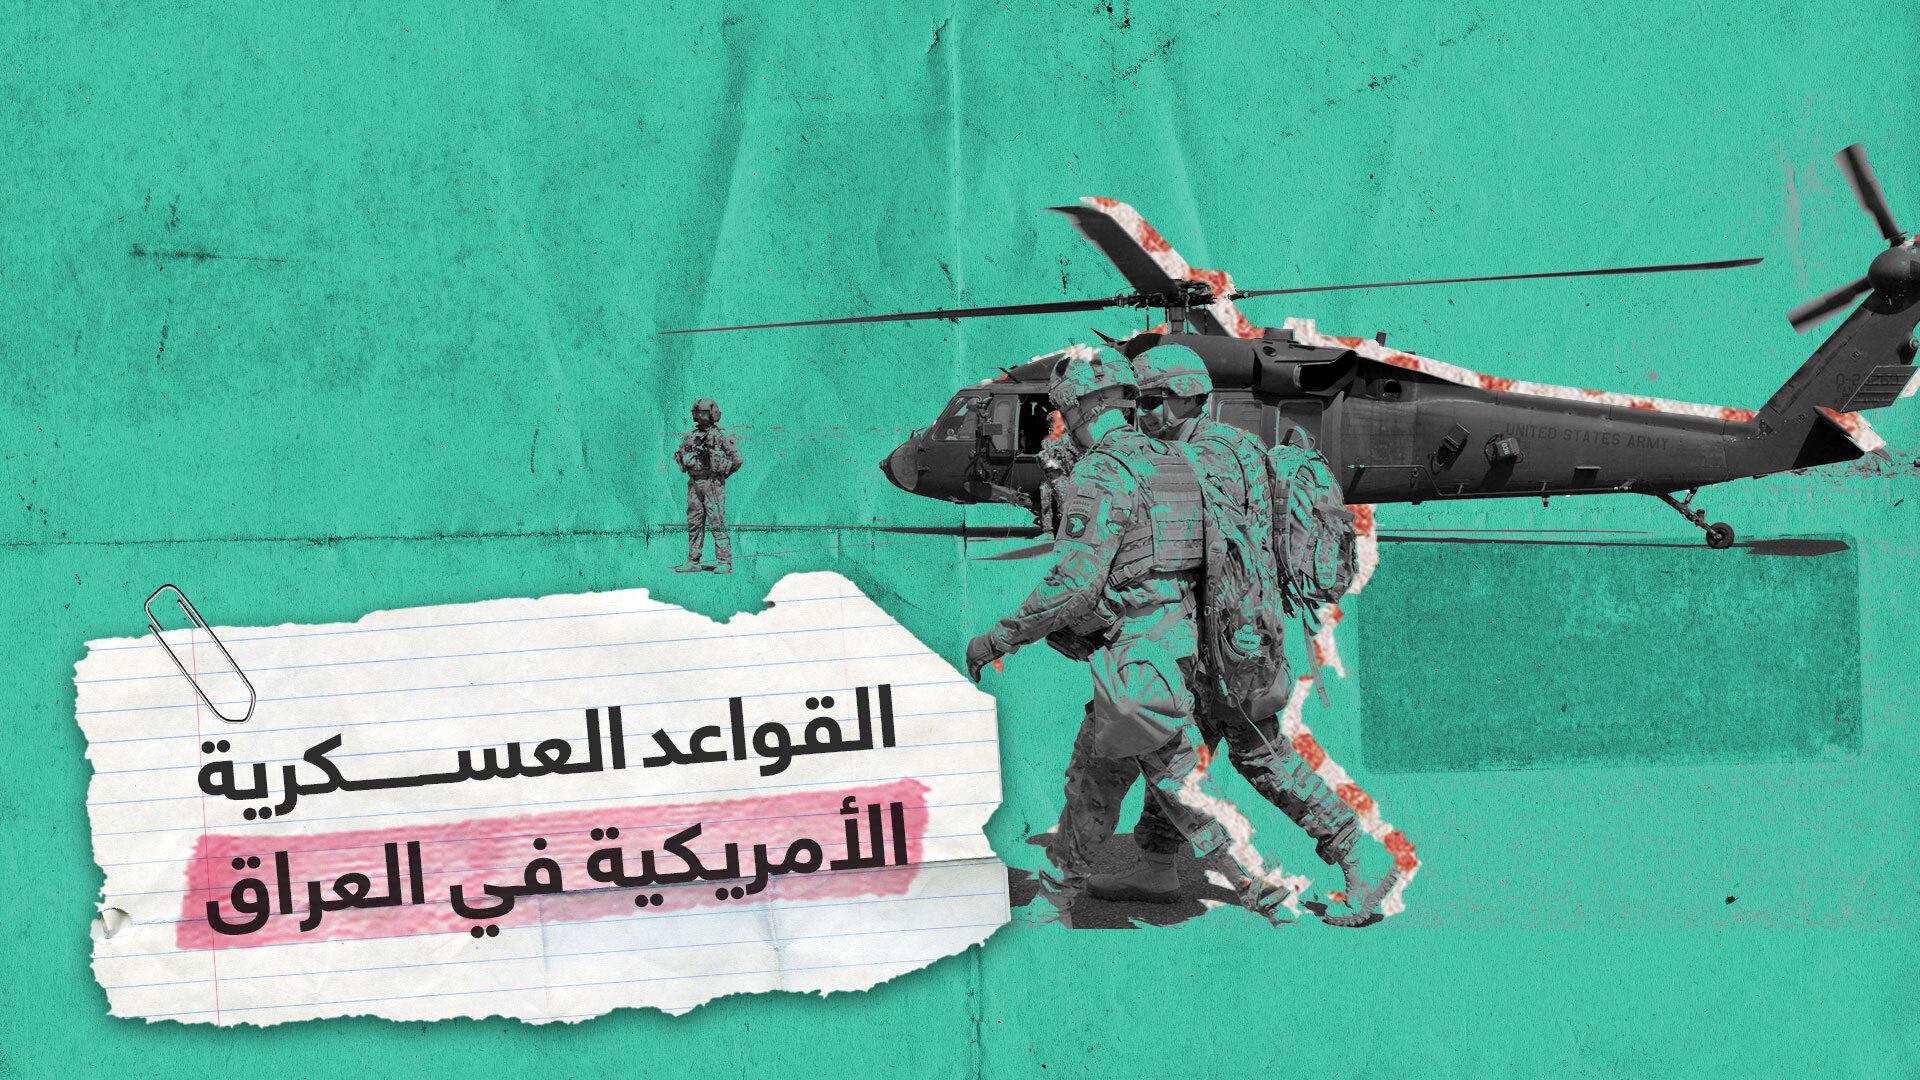 تعرف على القواعد العسكرية الأمريكية في العراق